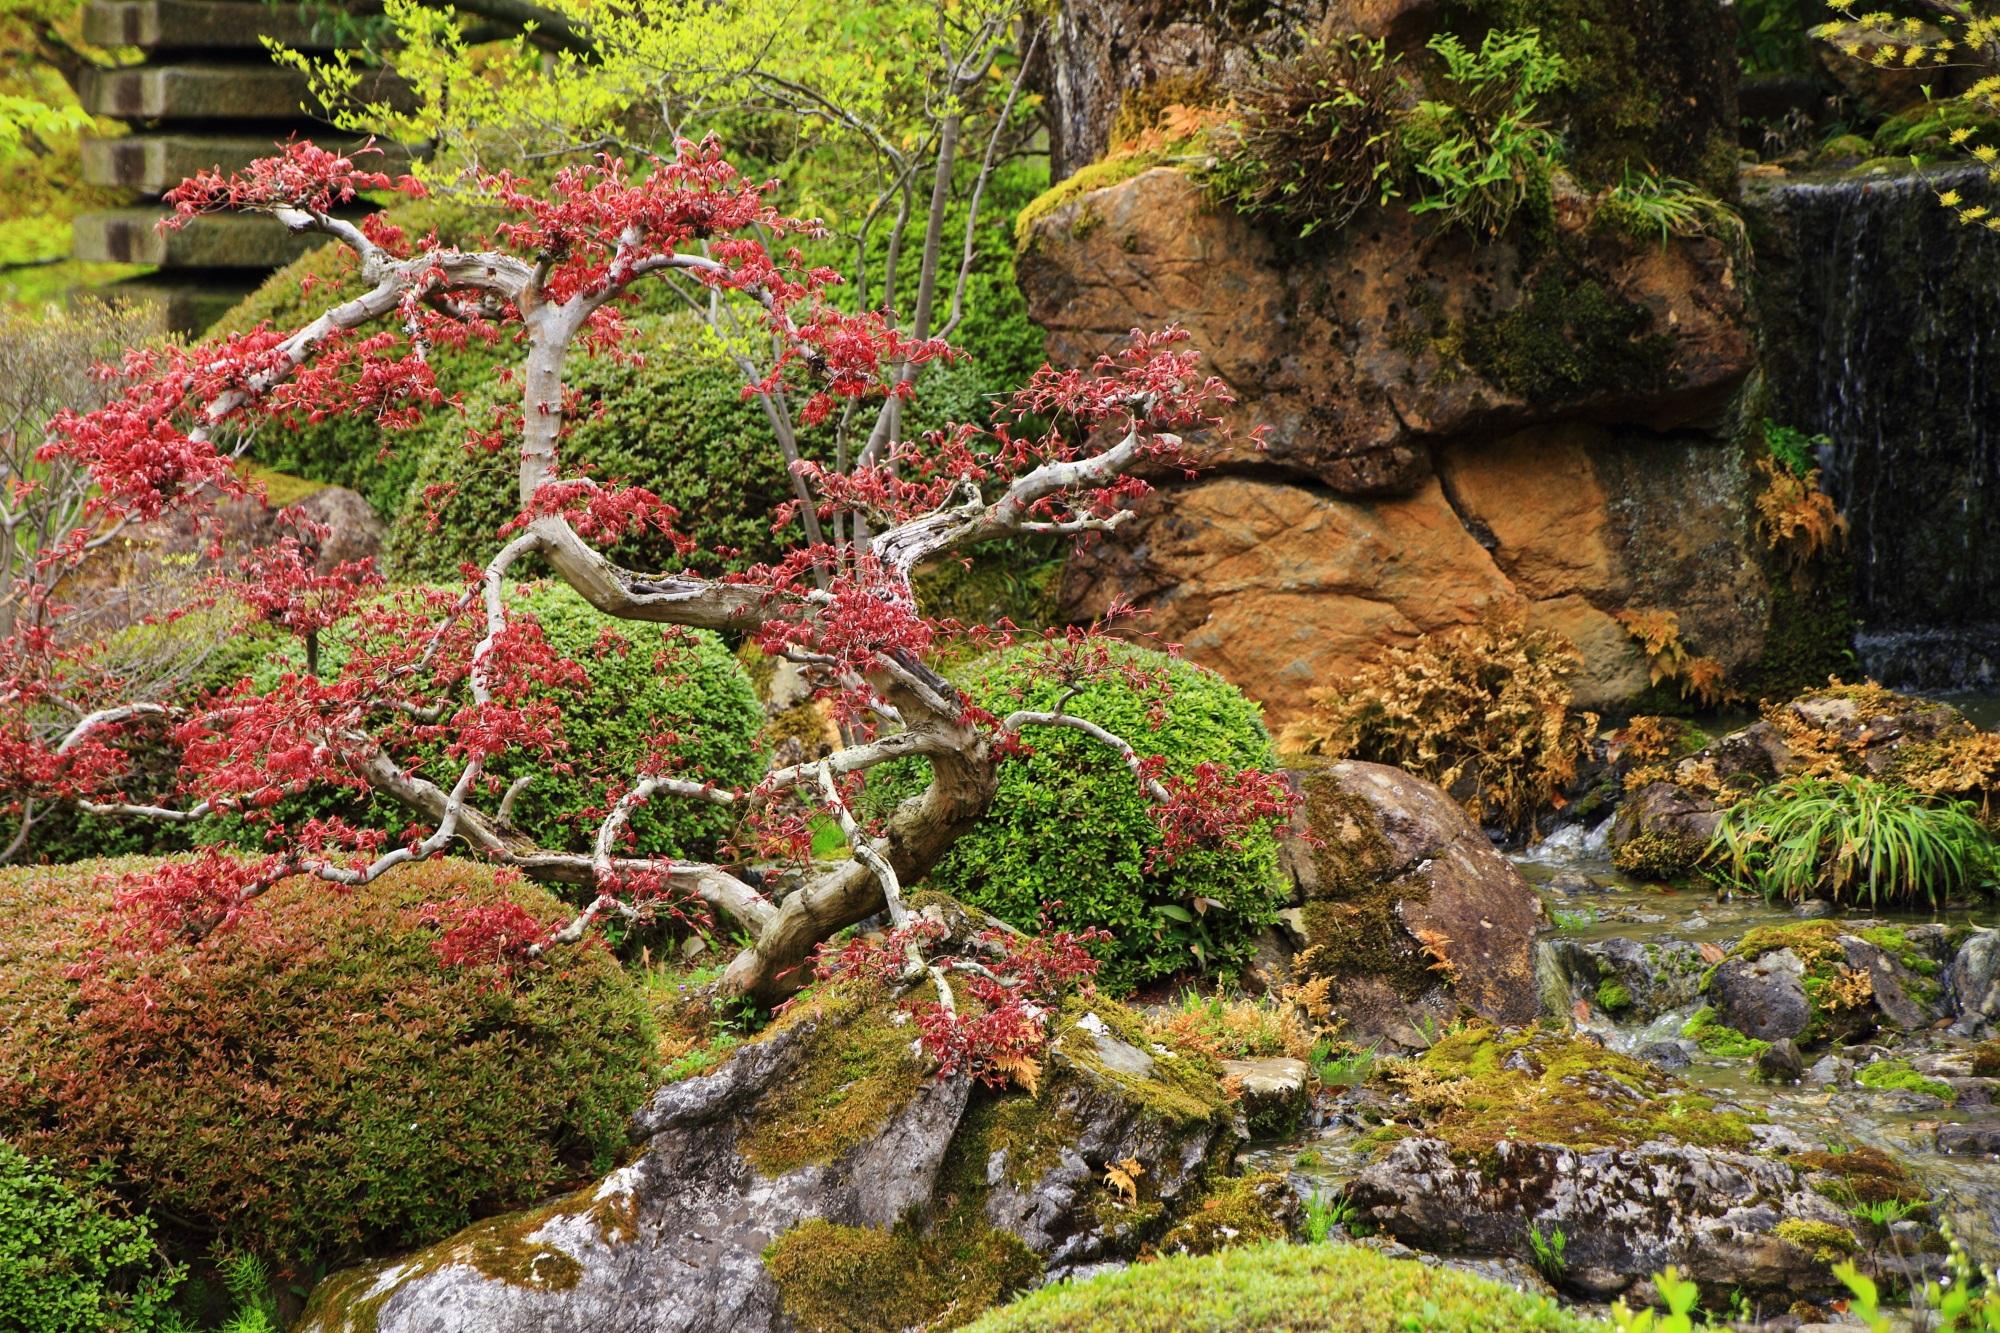 色合いも美しく良く手入れが行き届いた綺麗な庭園の宝生苑